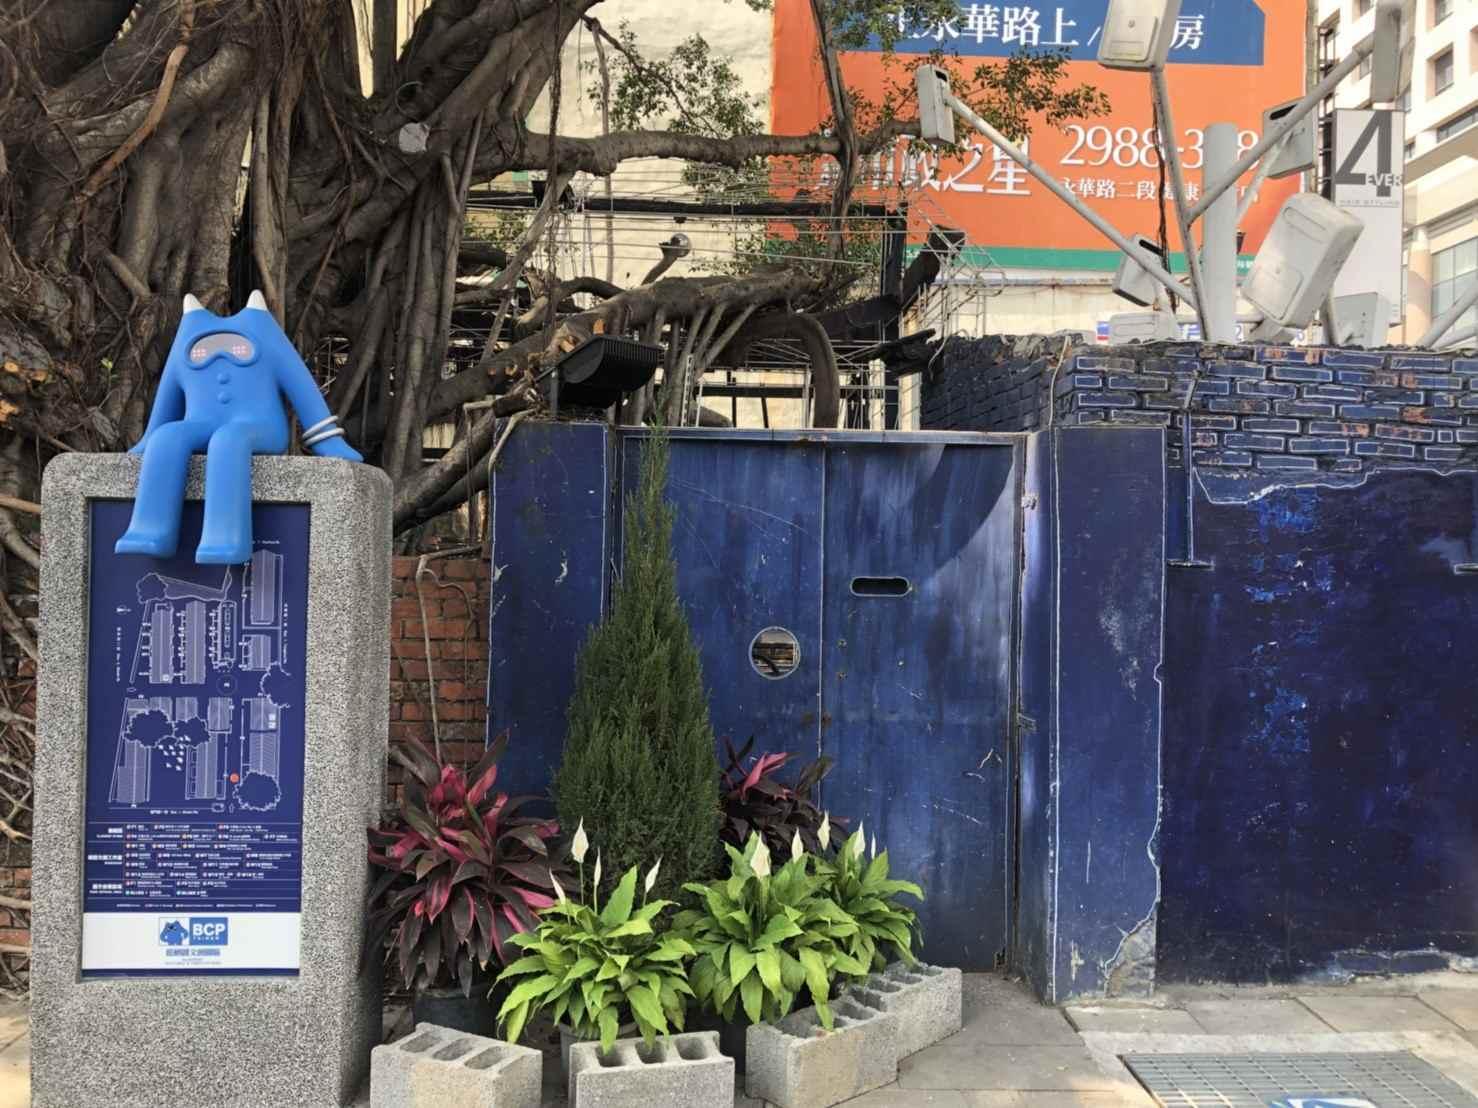 【台湾】taiwanアートに触れる旅3 藍哂圖文創園區in台南